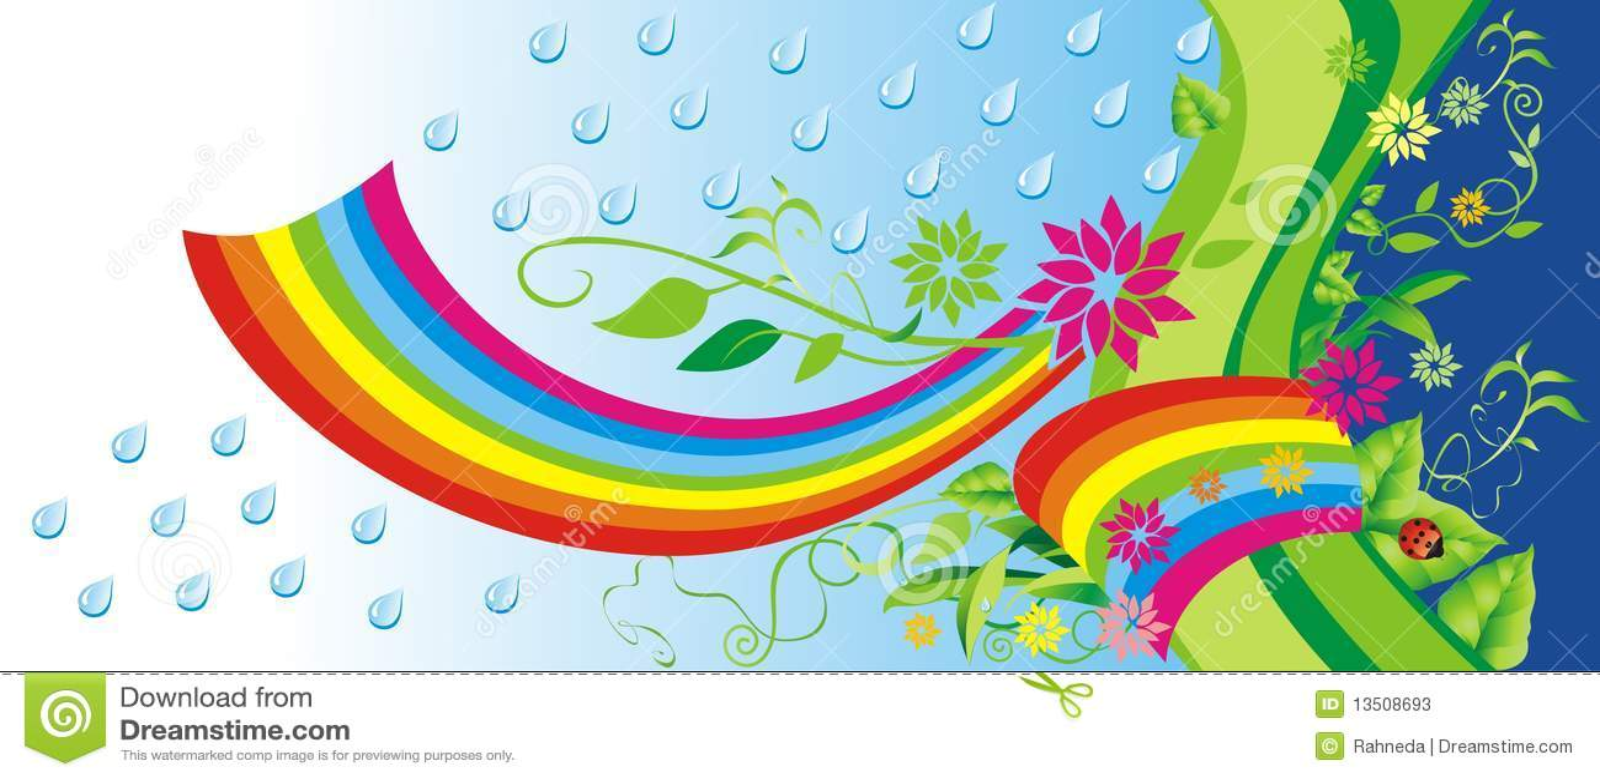 Fondo verde con el arco iris.